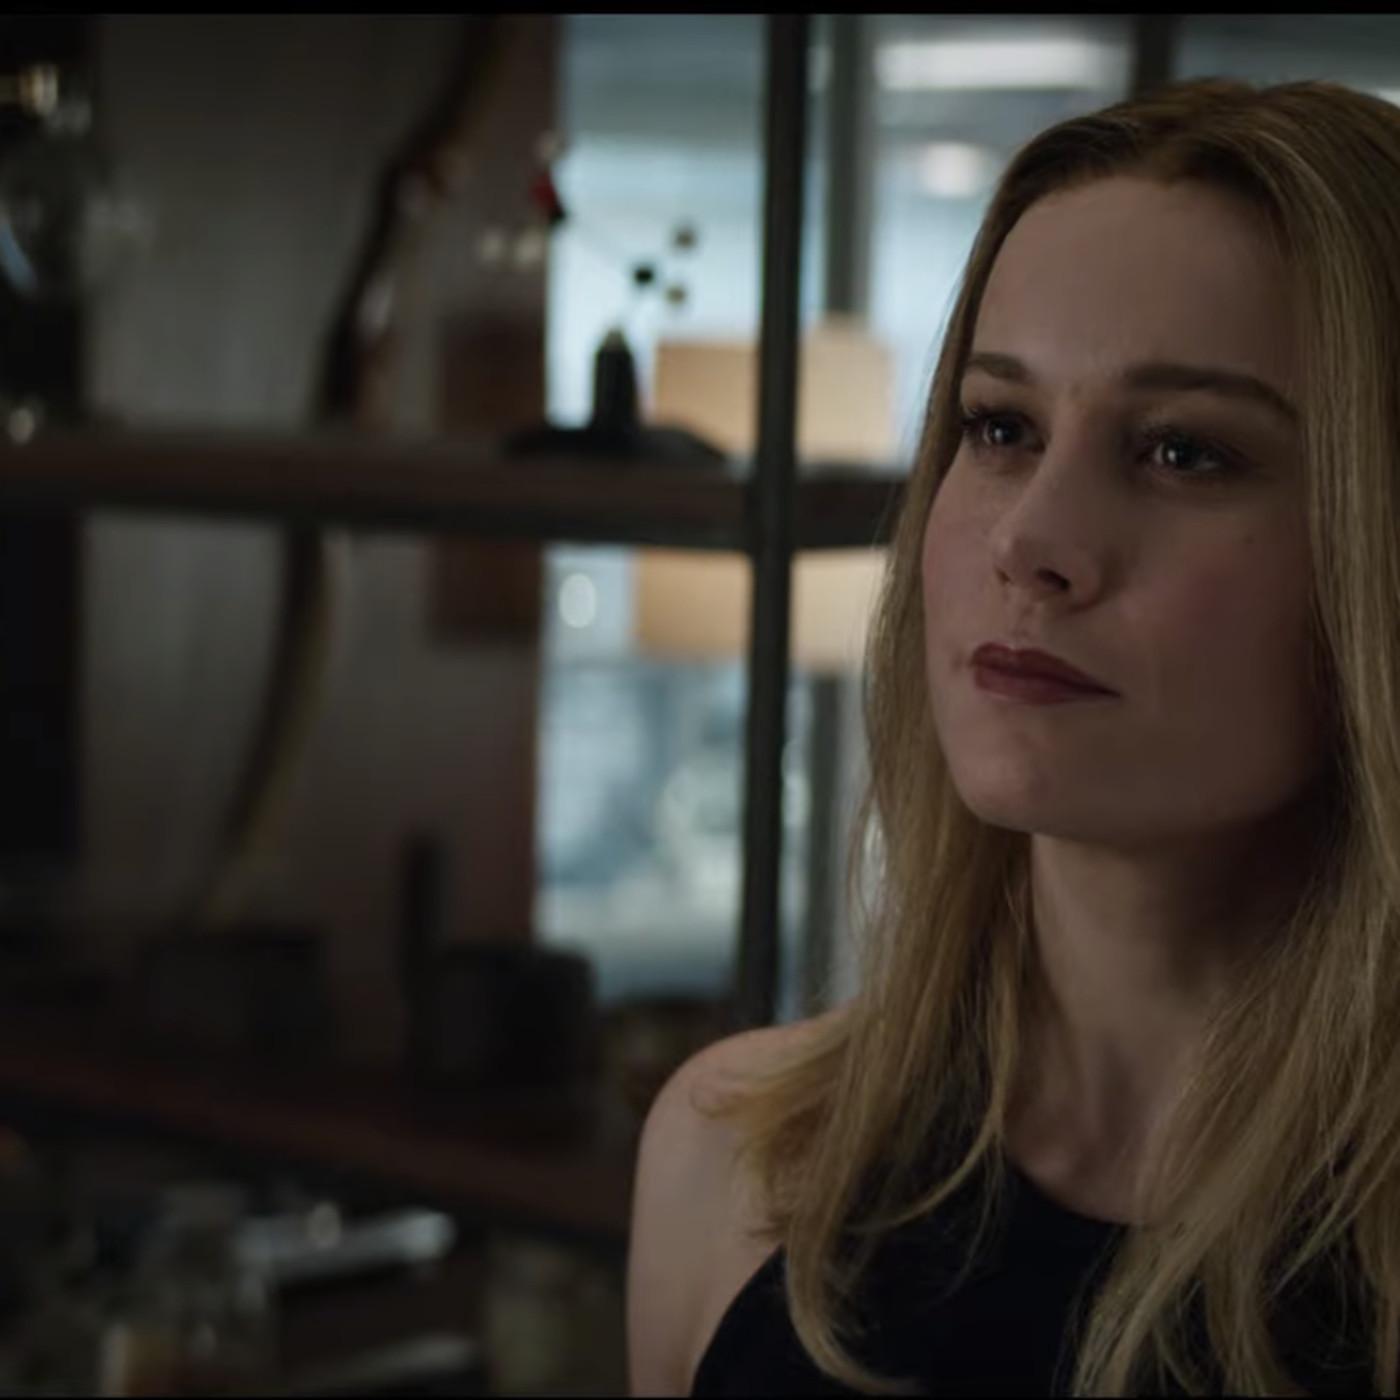 Avengers: Endgame trailer: Thor and the Avengers meet Captain Marvel